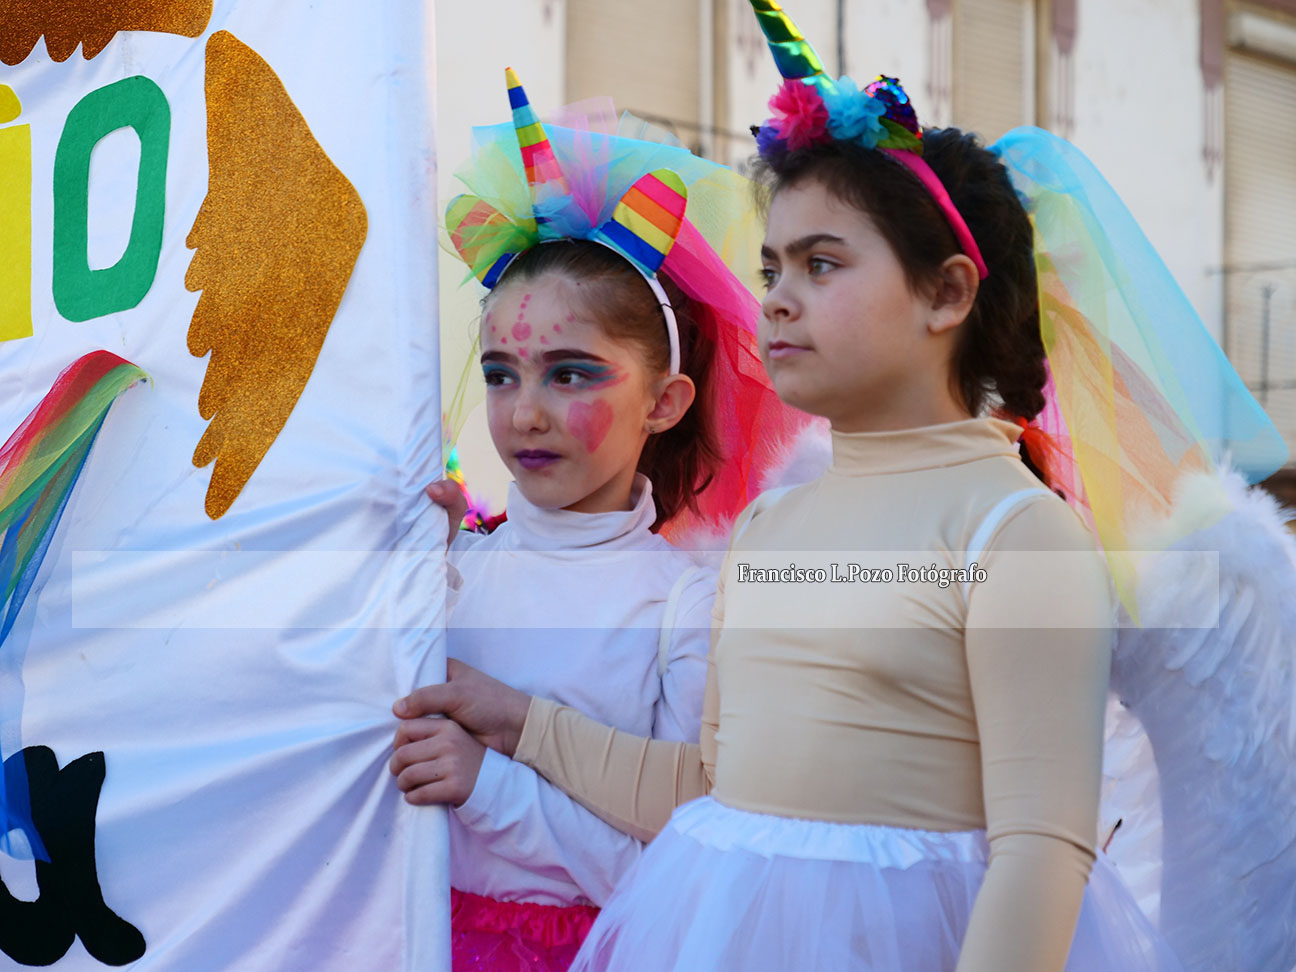 Carnaval 2020: Camponaraya sale a la calle a ritmo de comparsa 61